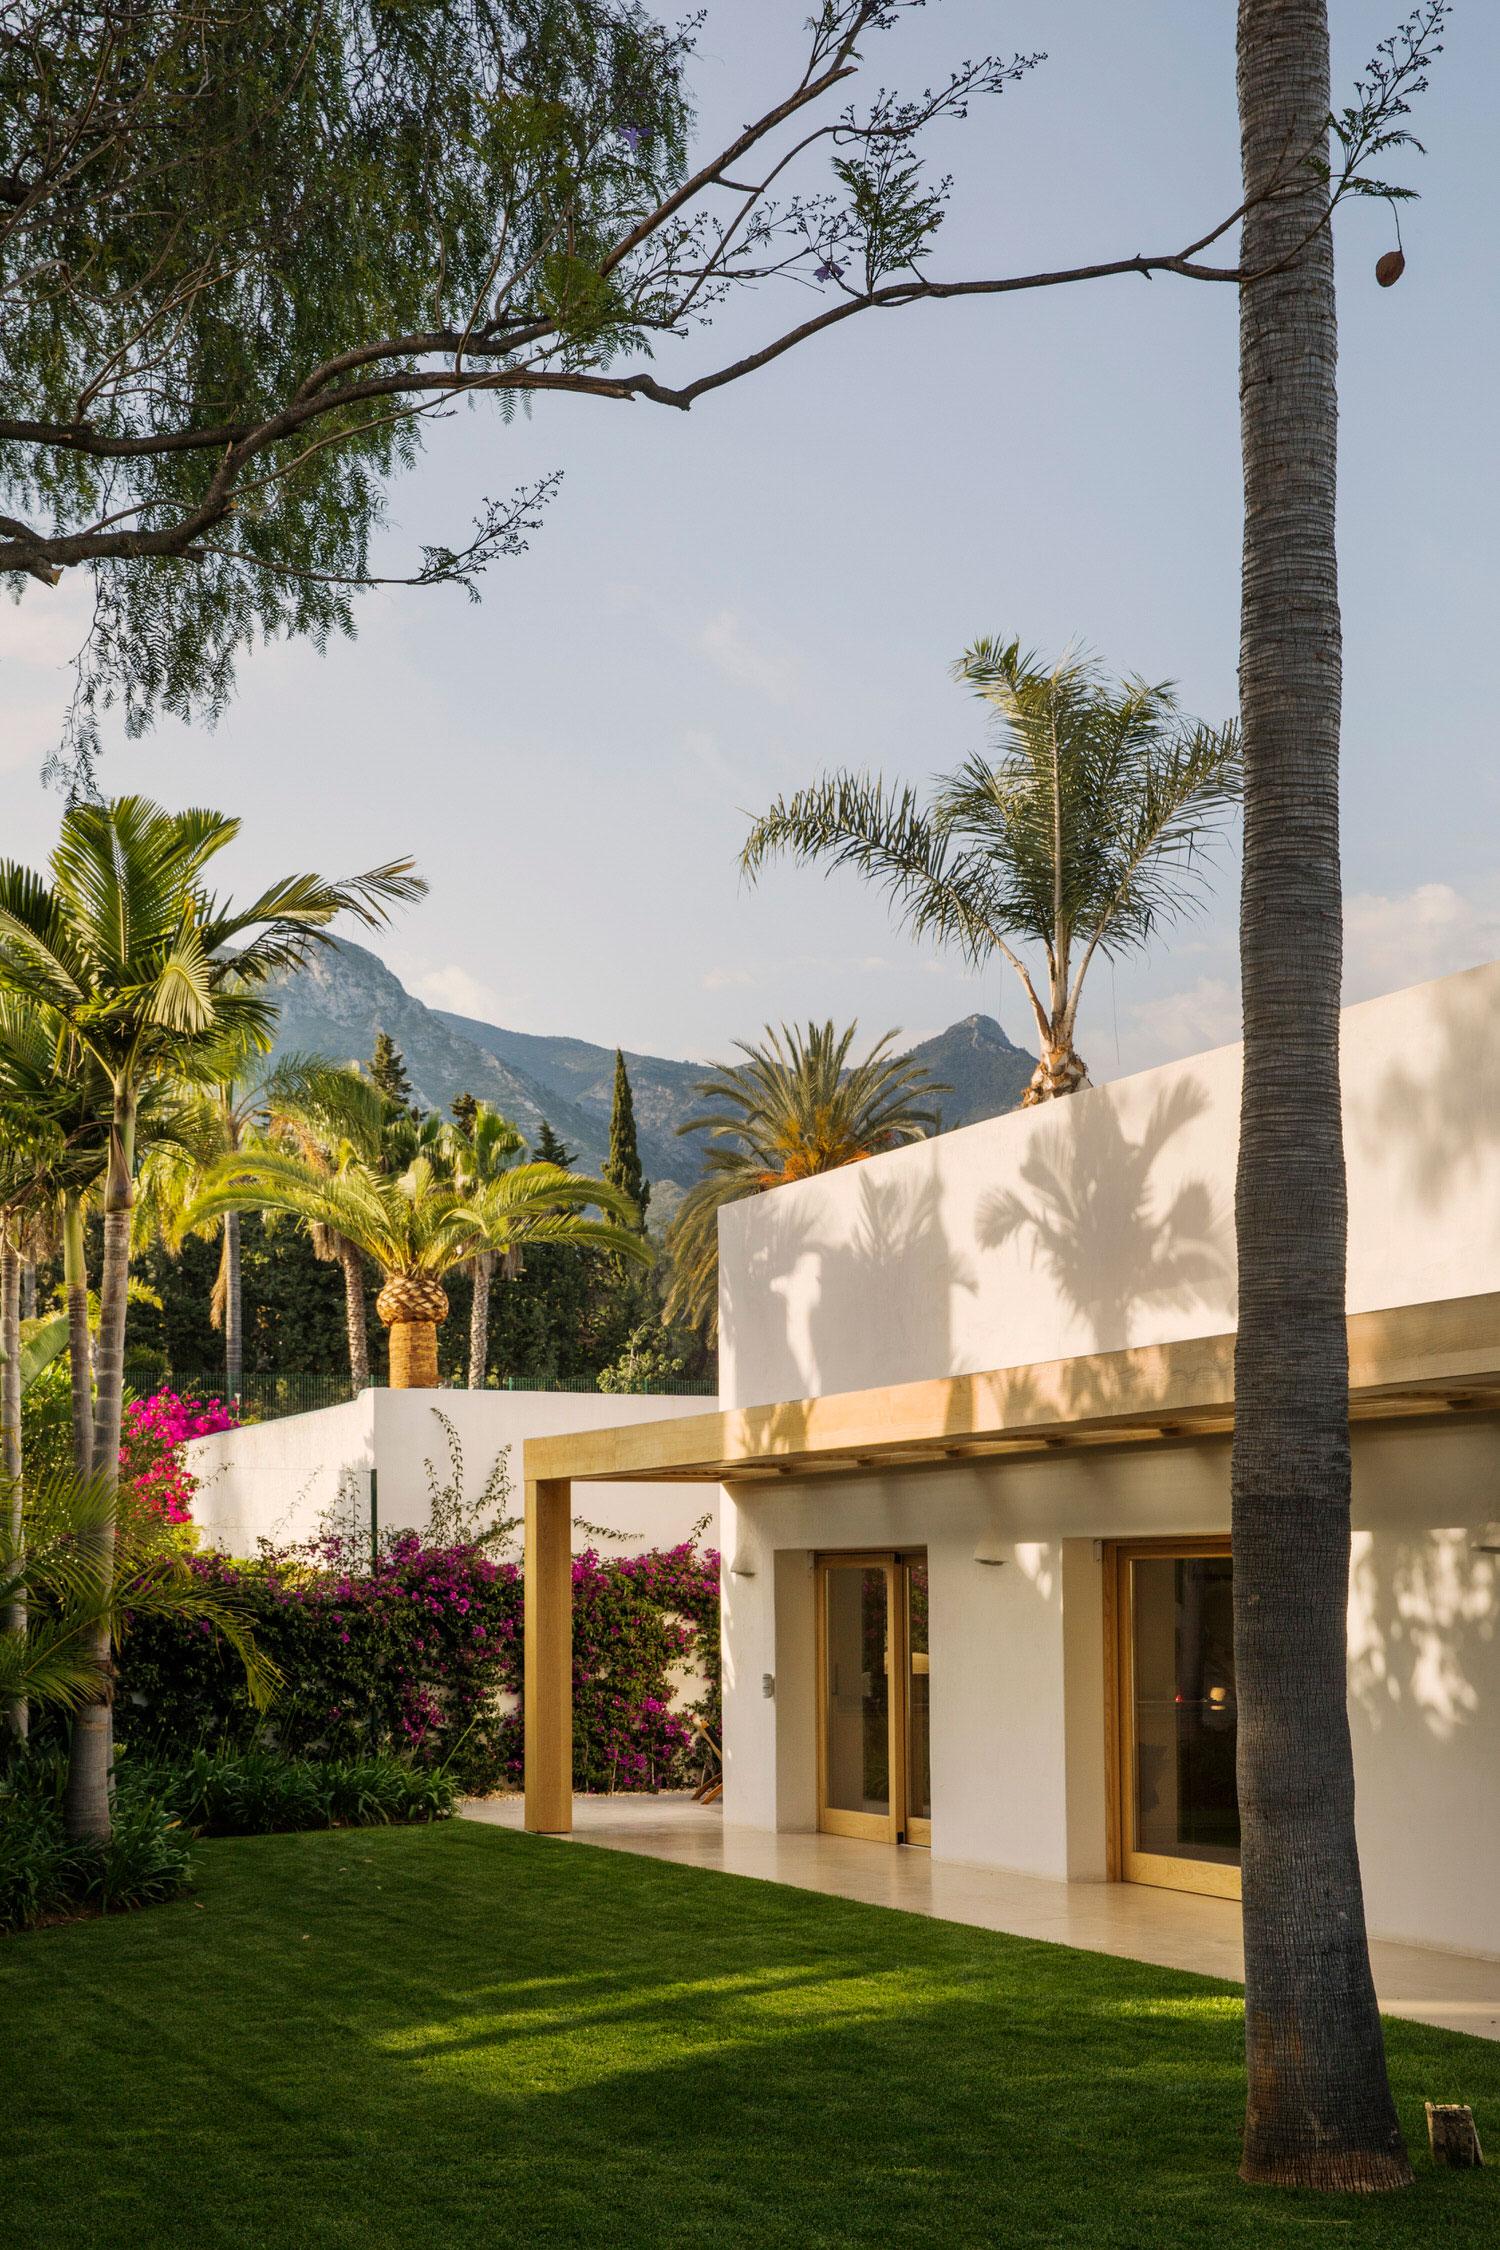 Febrero Studio Casa Marbella Spanish Architecture Photo German Saiz Yellowtrace 35